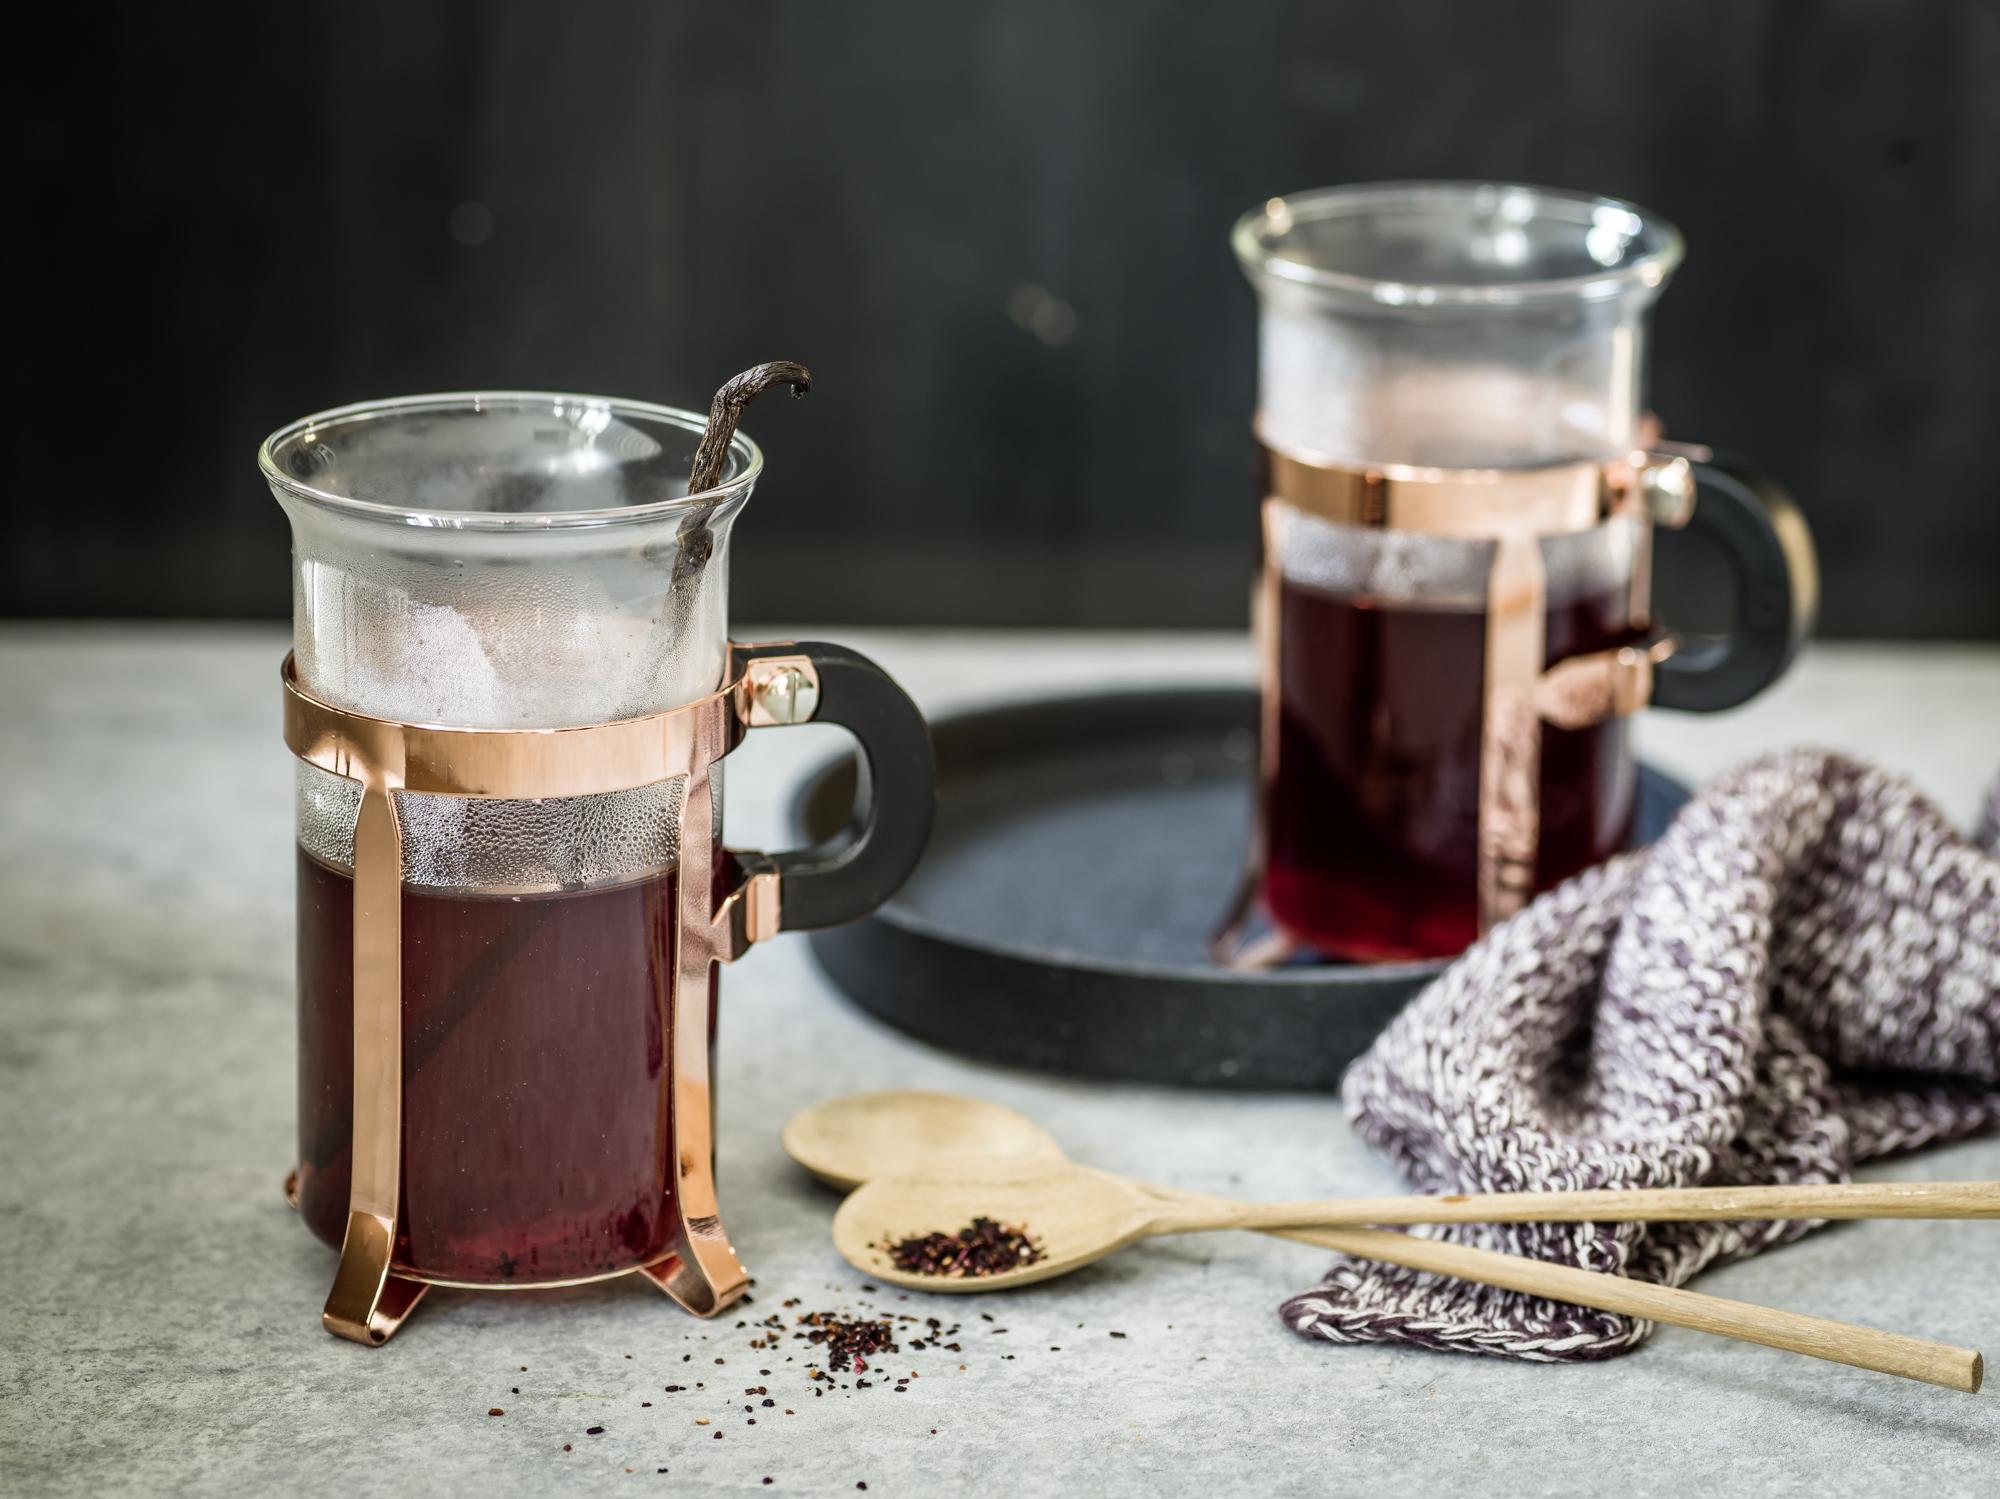 Kaffee-Fotografie   Stefan Schmidlin Fotograf Basel, Bild 4.jpg